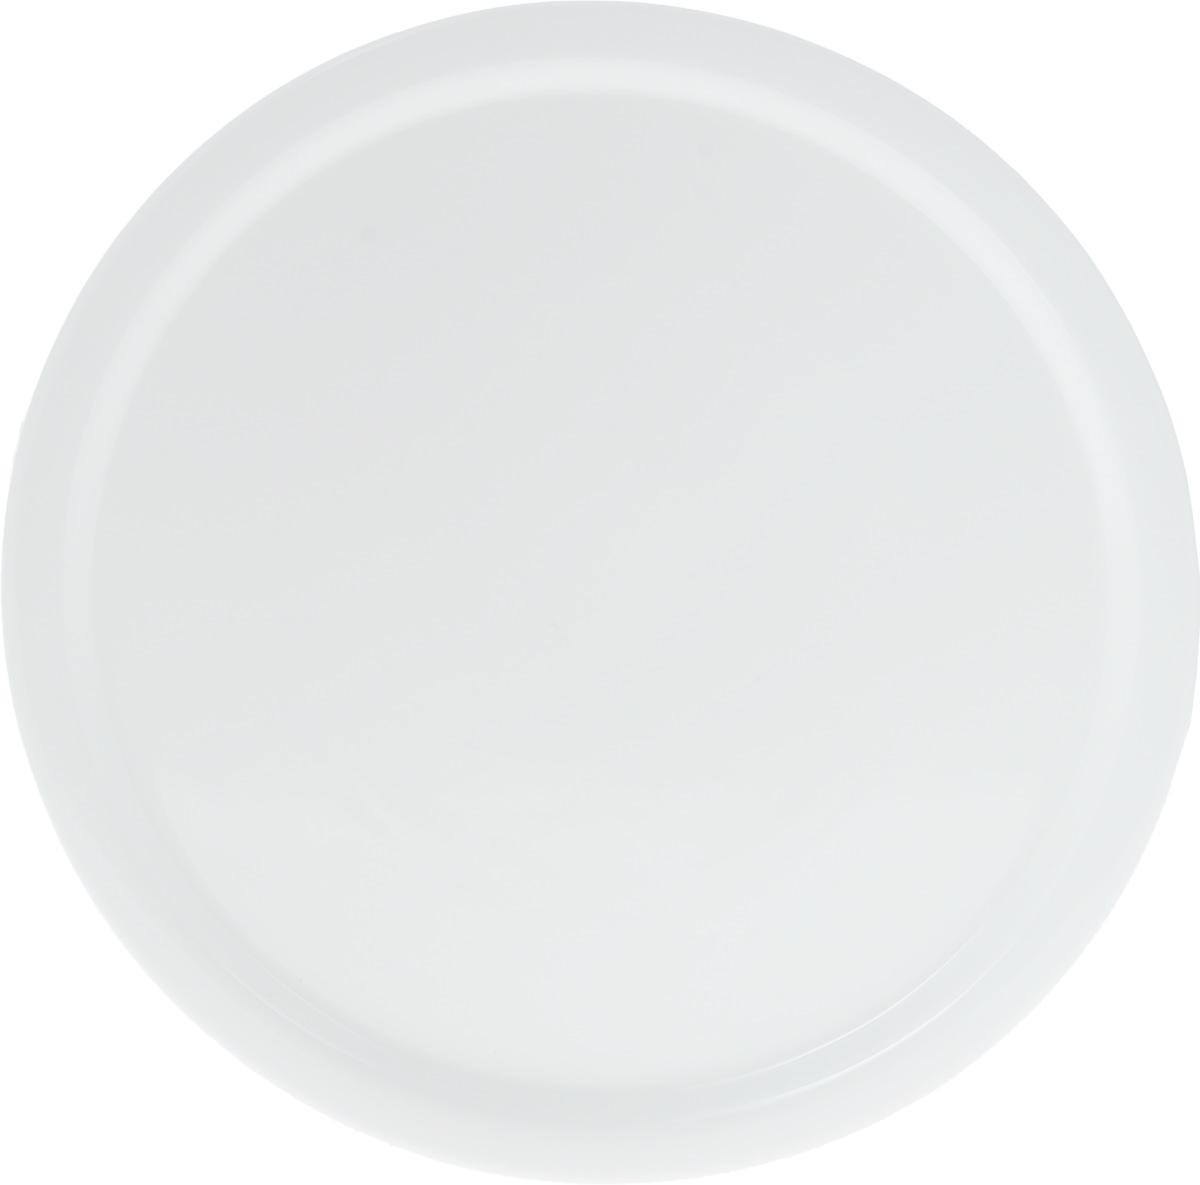 Блюдо для пиццы Wilmax, диаметр 35,5 смWL-992618 / AОригинальное круглое блюдо Wilmax, изготовленное из фарфора с глазурованным покрытием, идеально подойдет для подачи пиццы, а также других блюд. Оно украсит ваш кухонный стол, а также станет замечательным подарком к любому празднику.